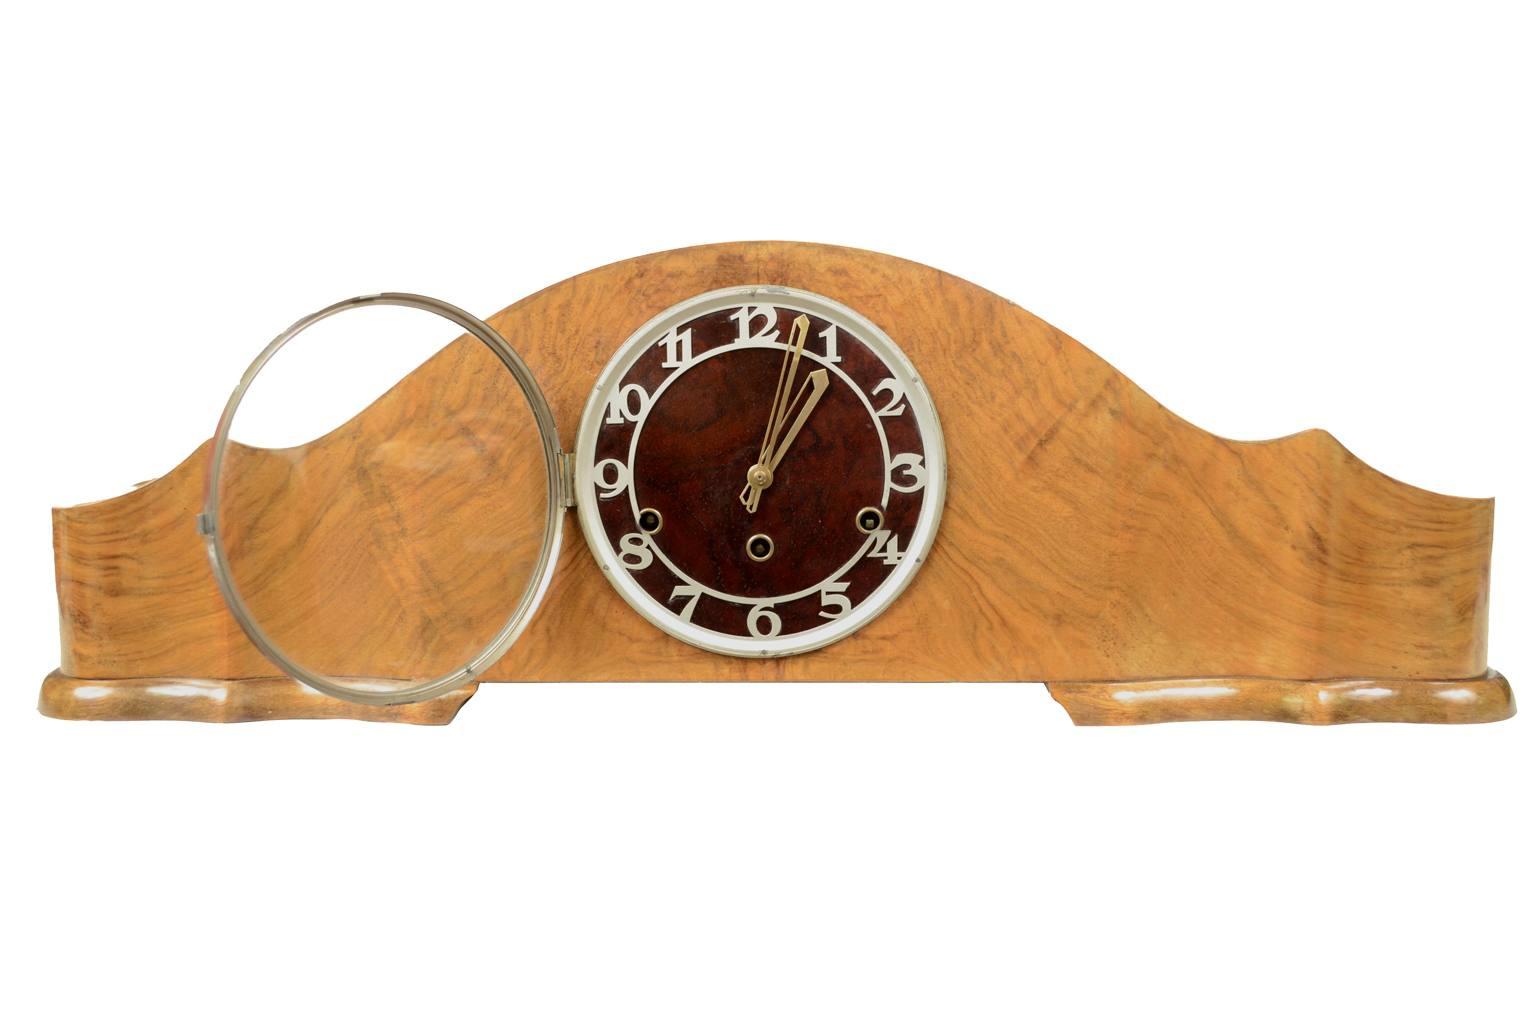 Strumenti di misura antichi/5074-Grande orologio da tavolo